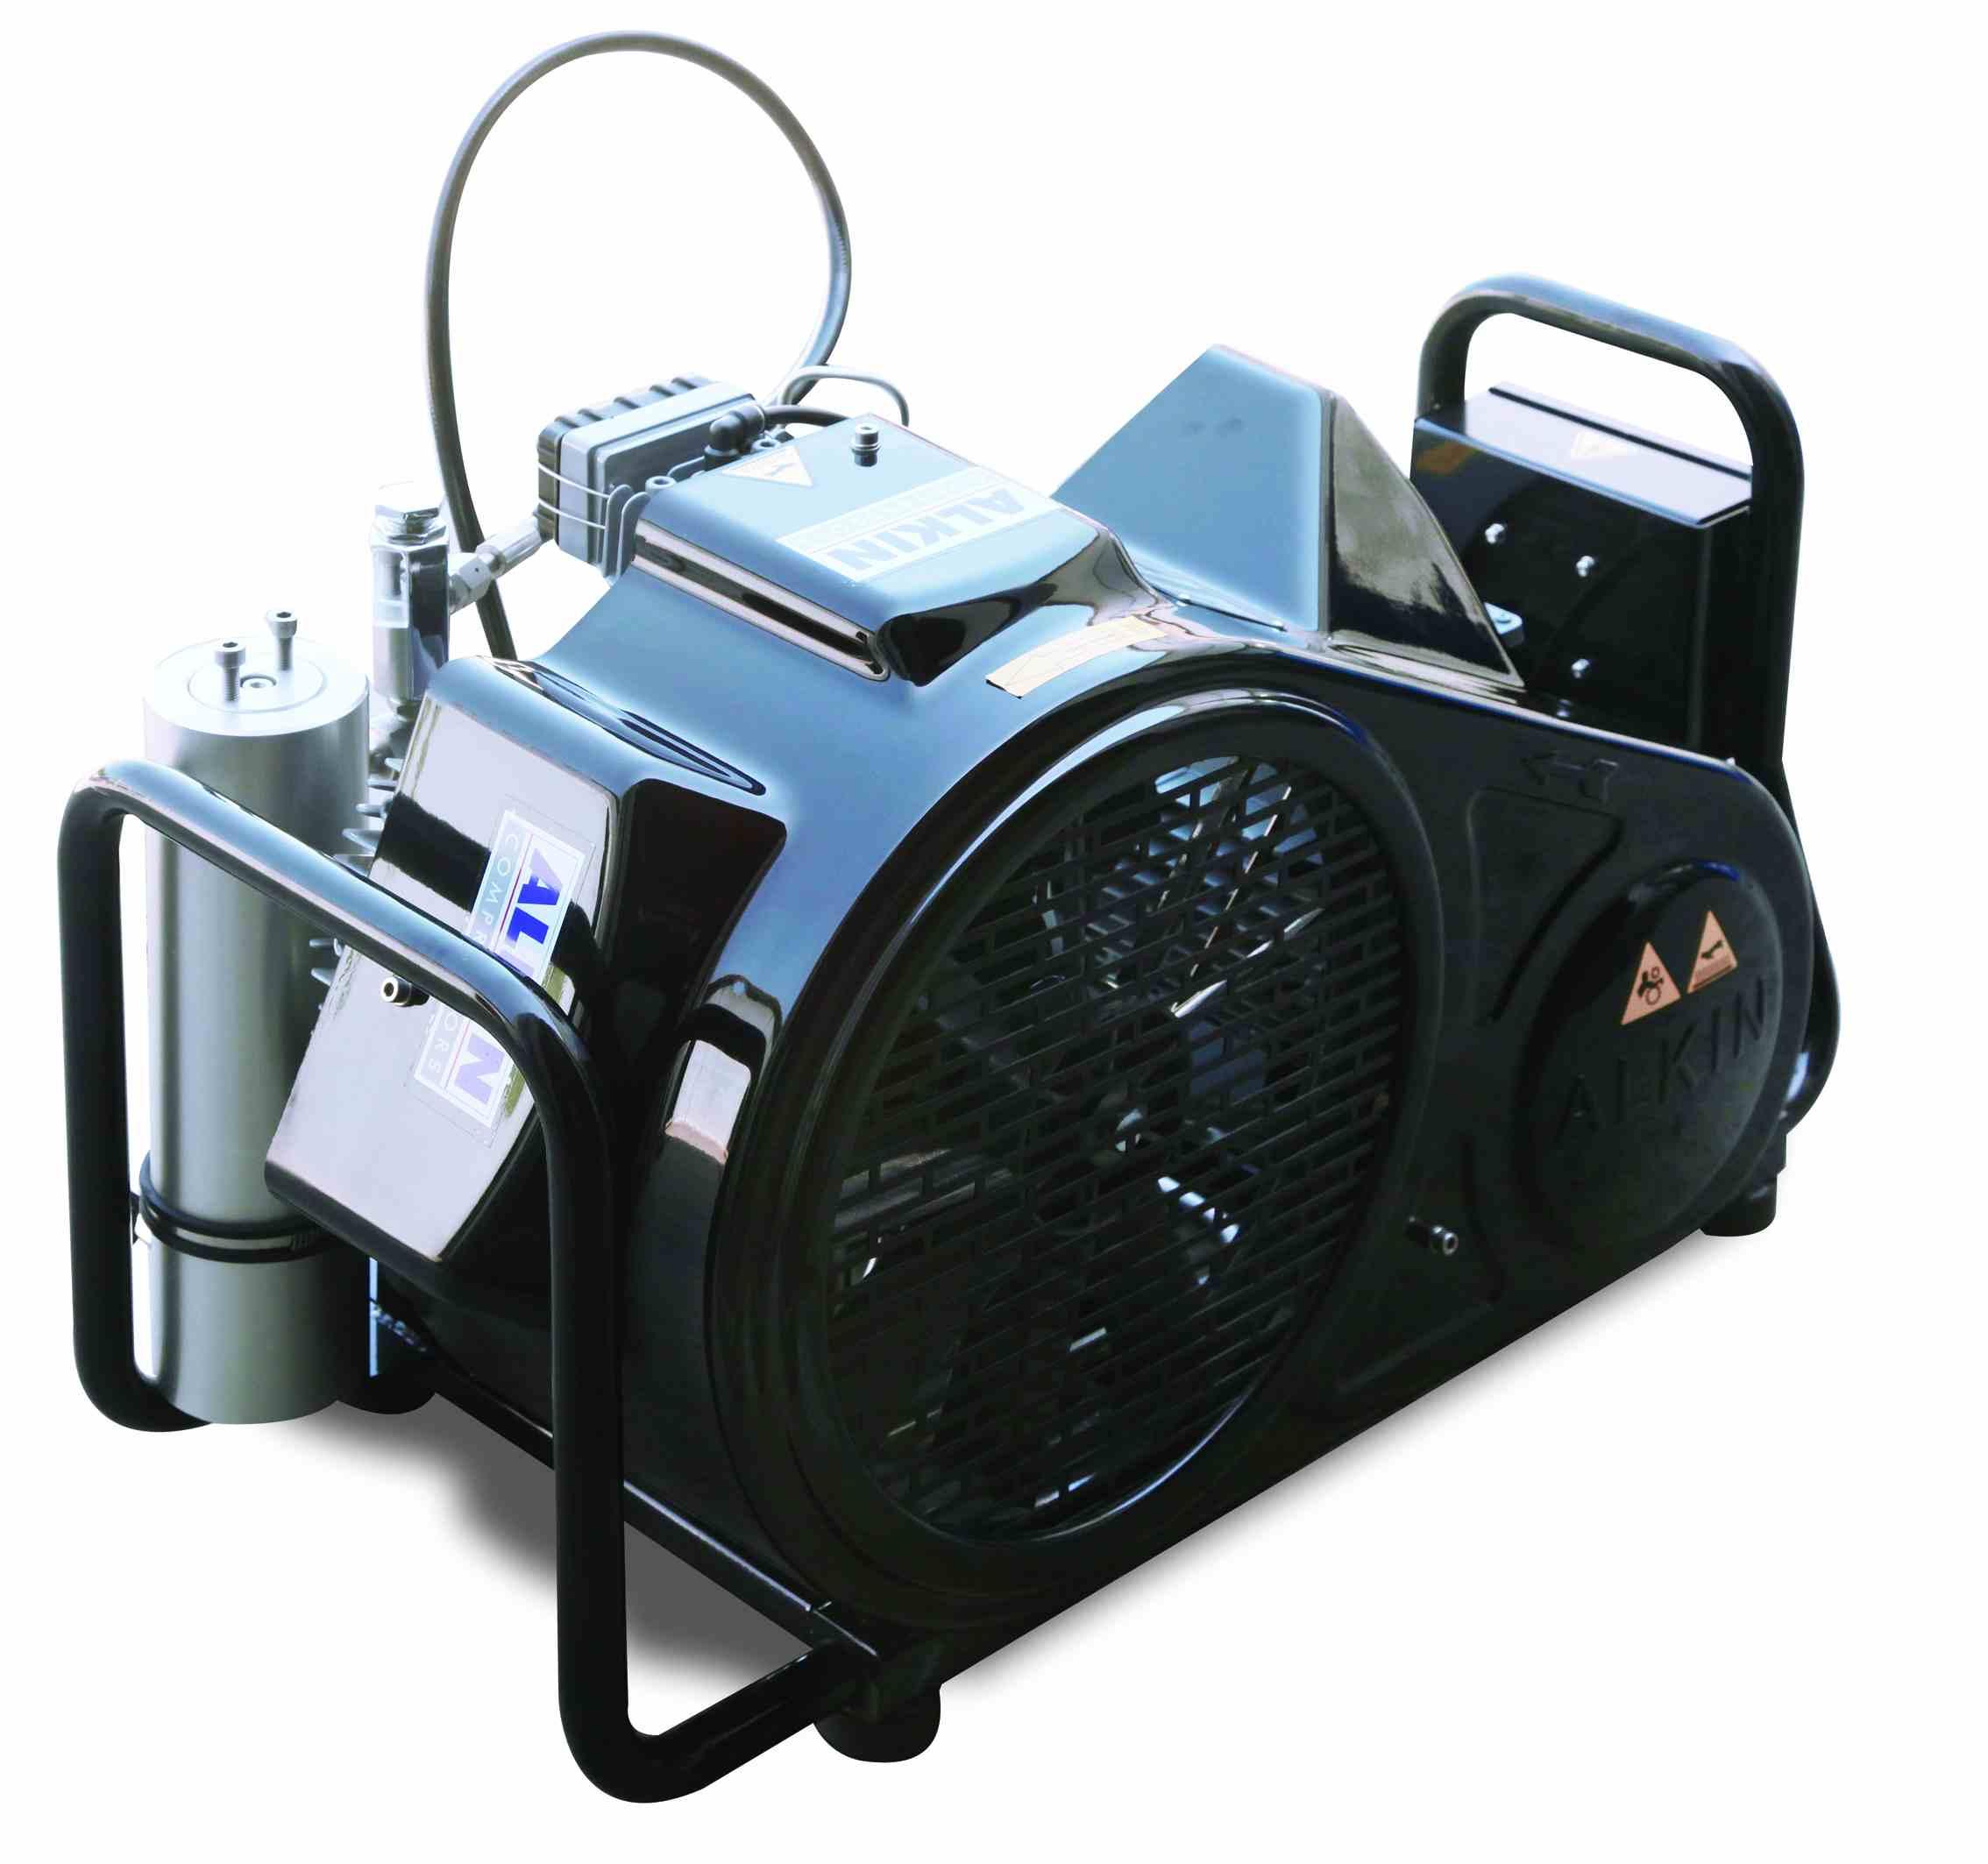 scuba fire breathing air high pressure compressor yoke filler